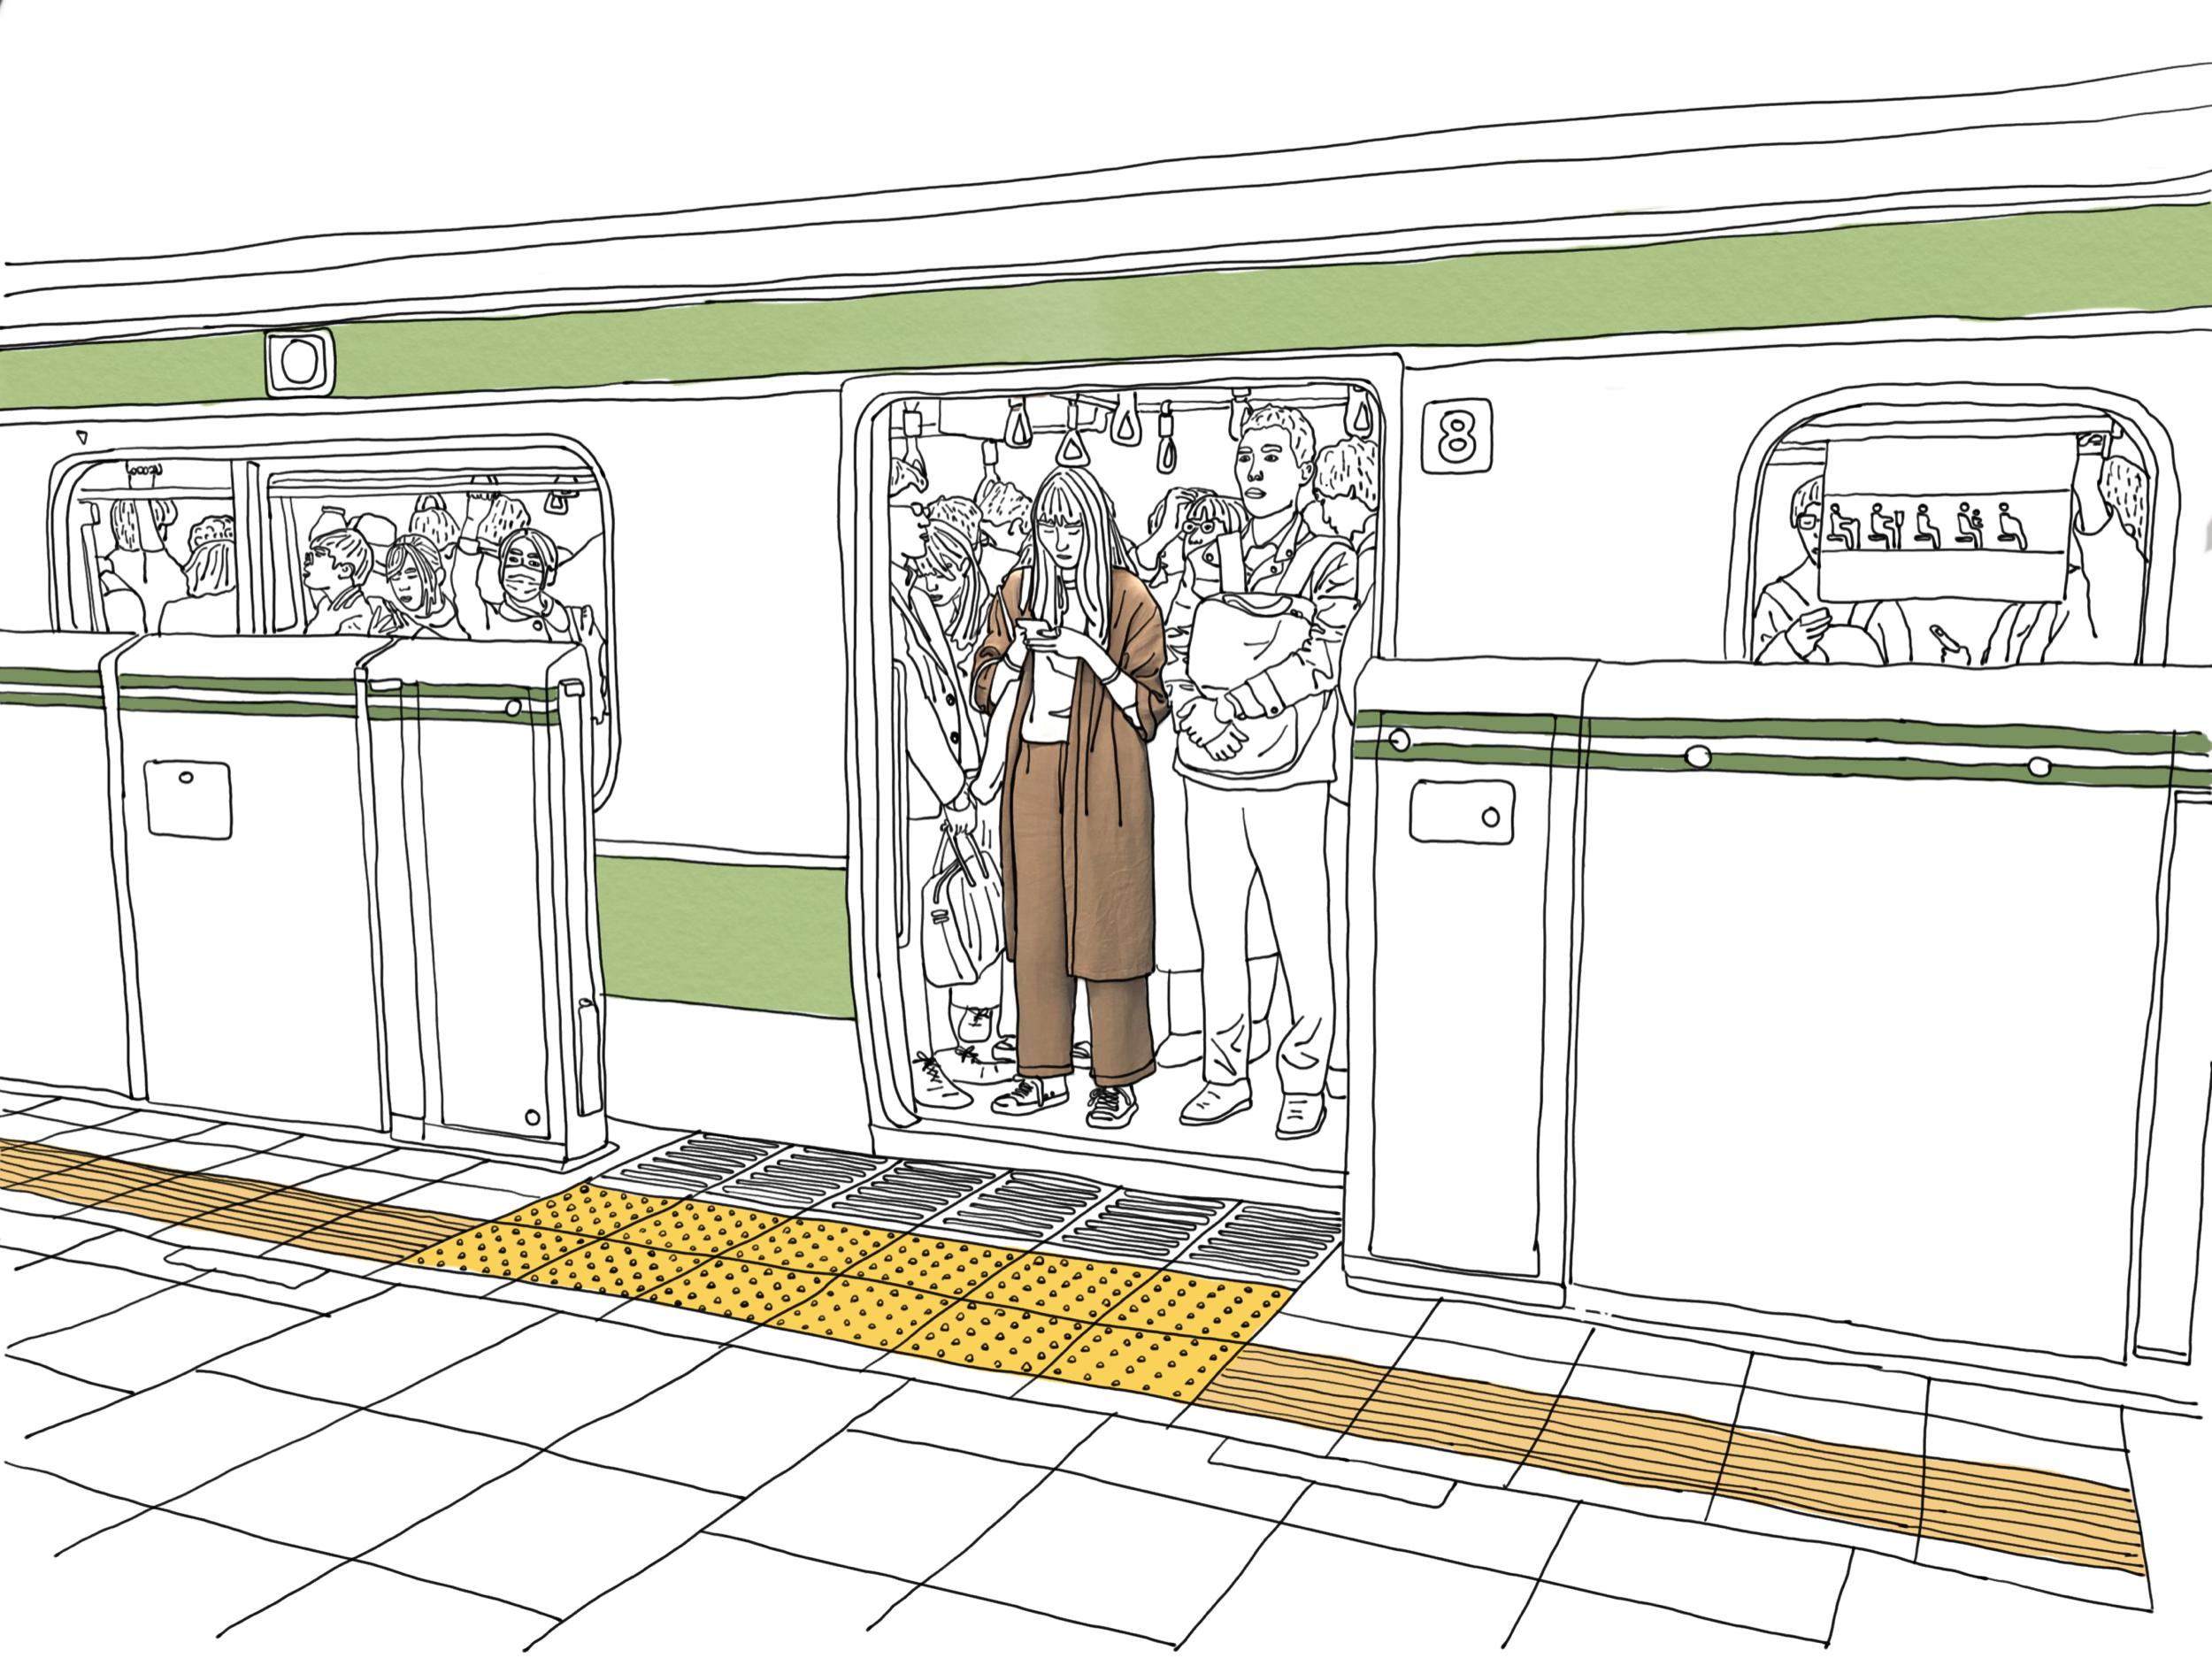 jordan_kushins_japan_tokyo_metro.png